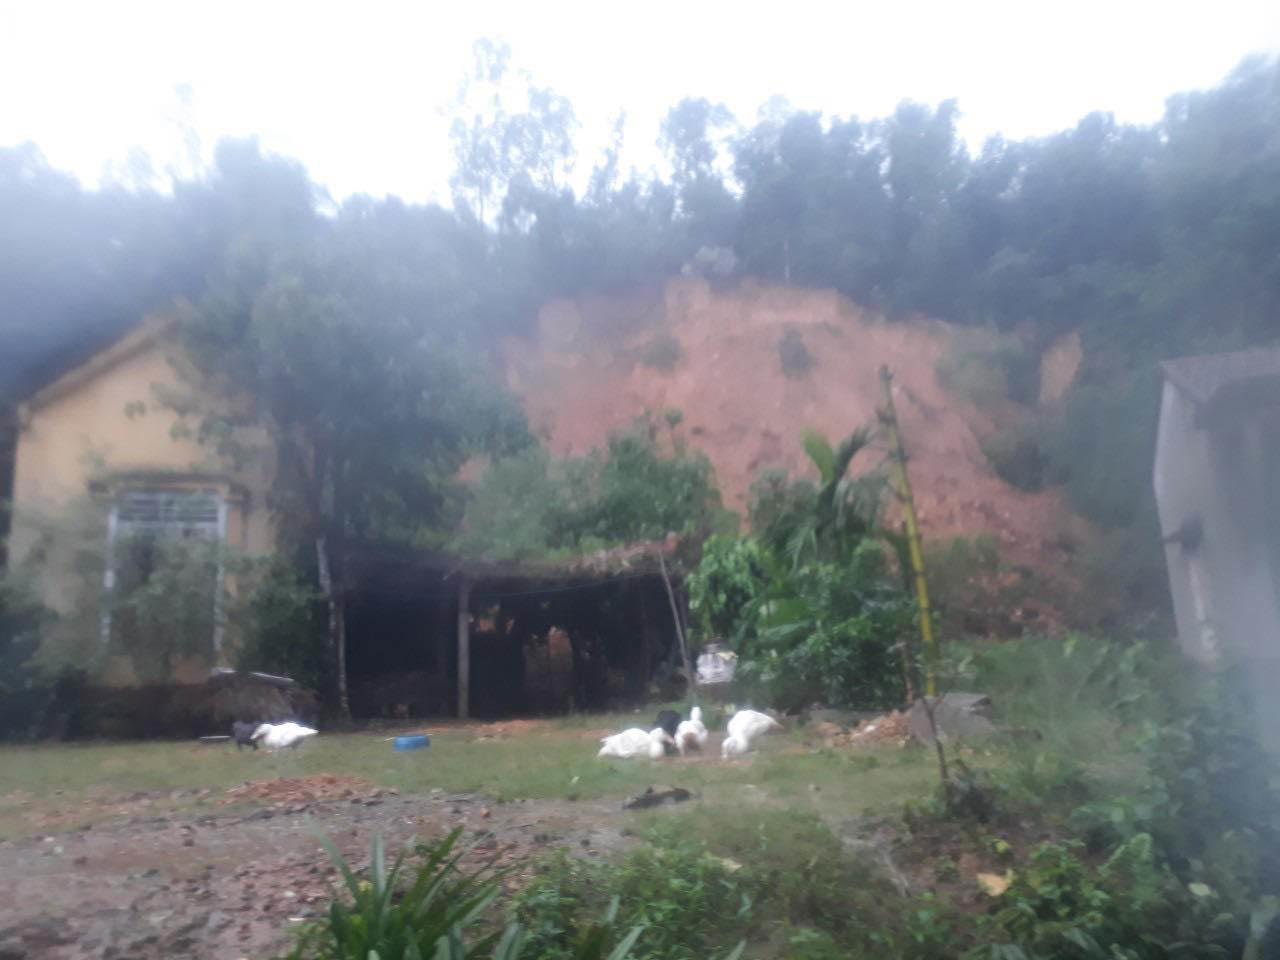 Sạt lở núi ở Hà Tĩnh, phát 7 lệnh sơ tán dân khẩn cấp